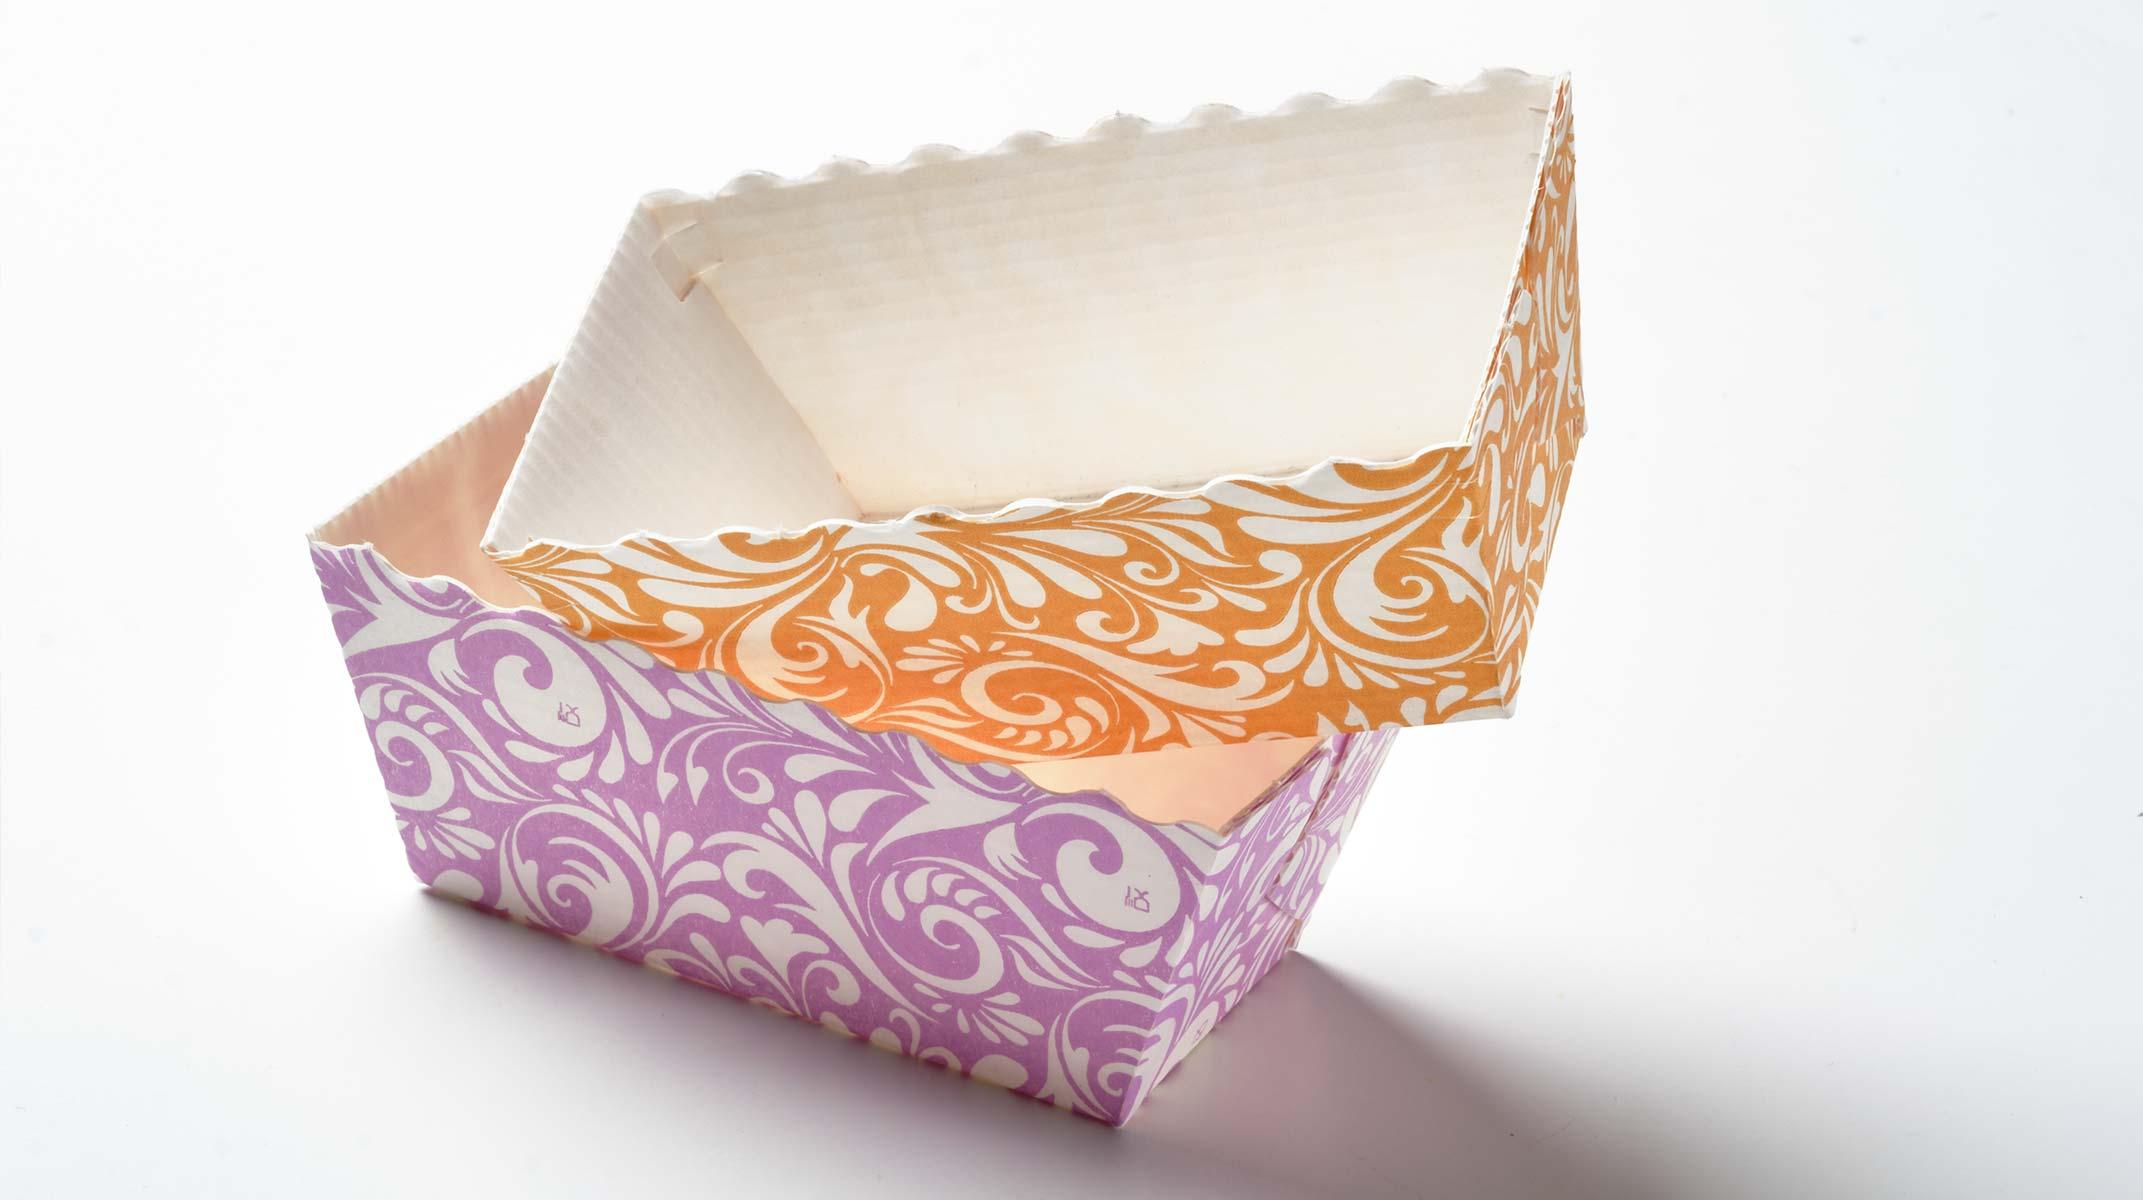 Techno Papier paper baking molds